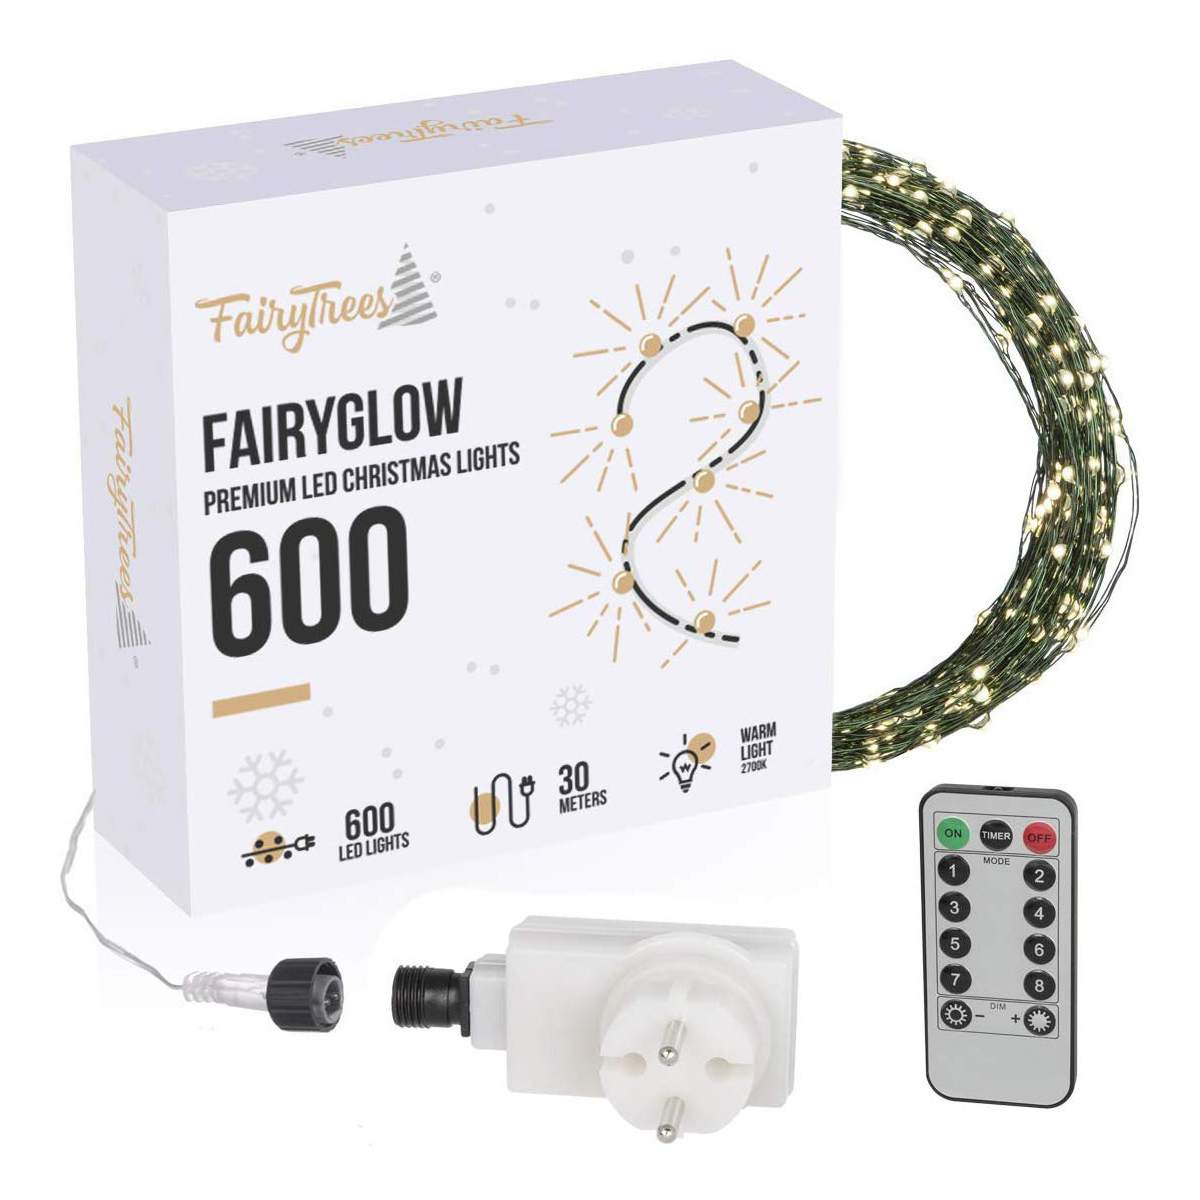 lichterkette fairyglow 600 fairytrees